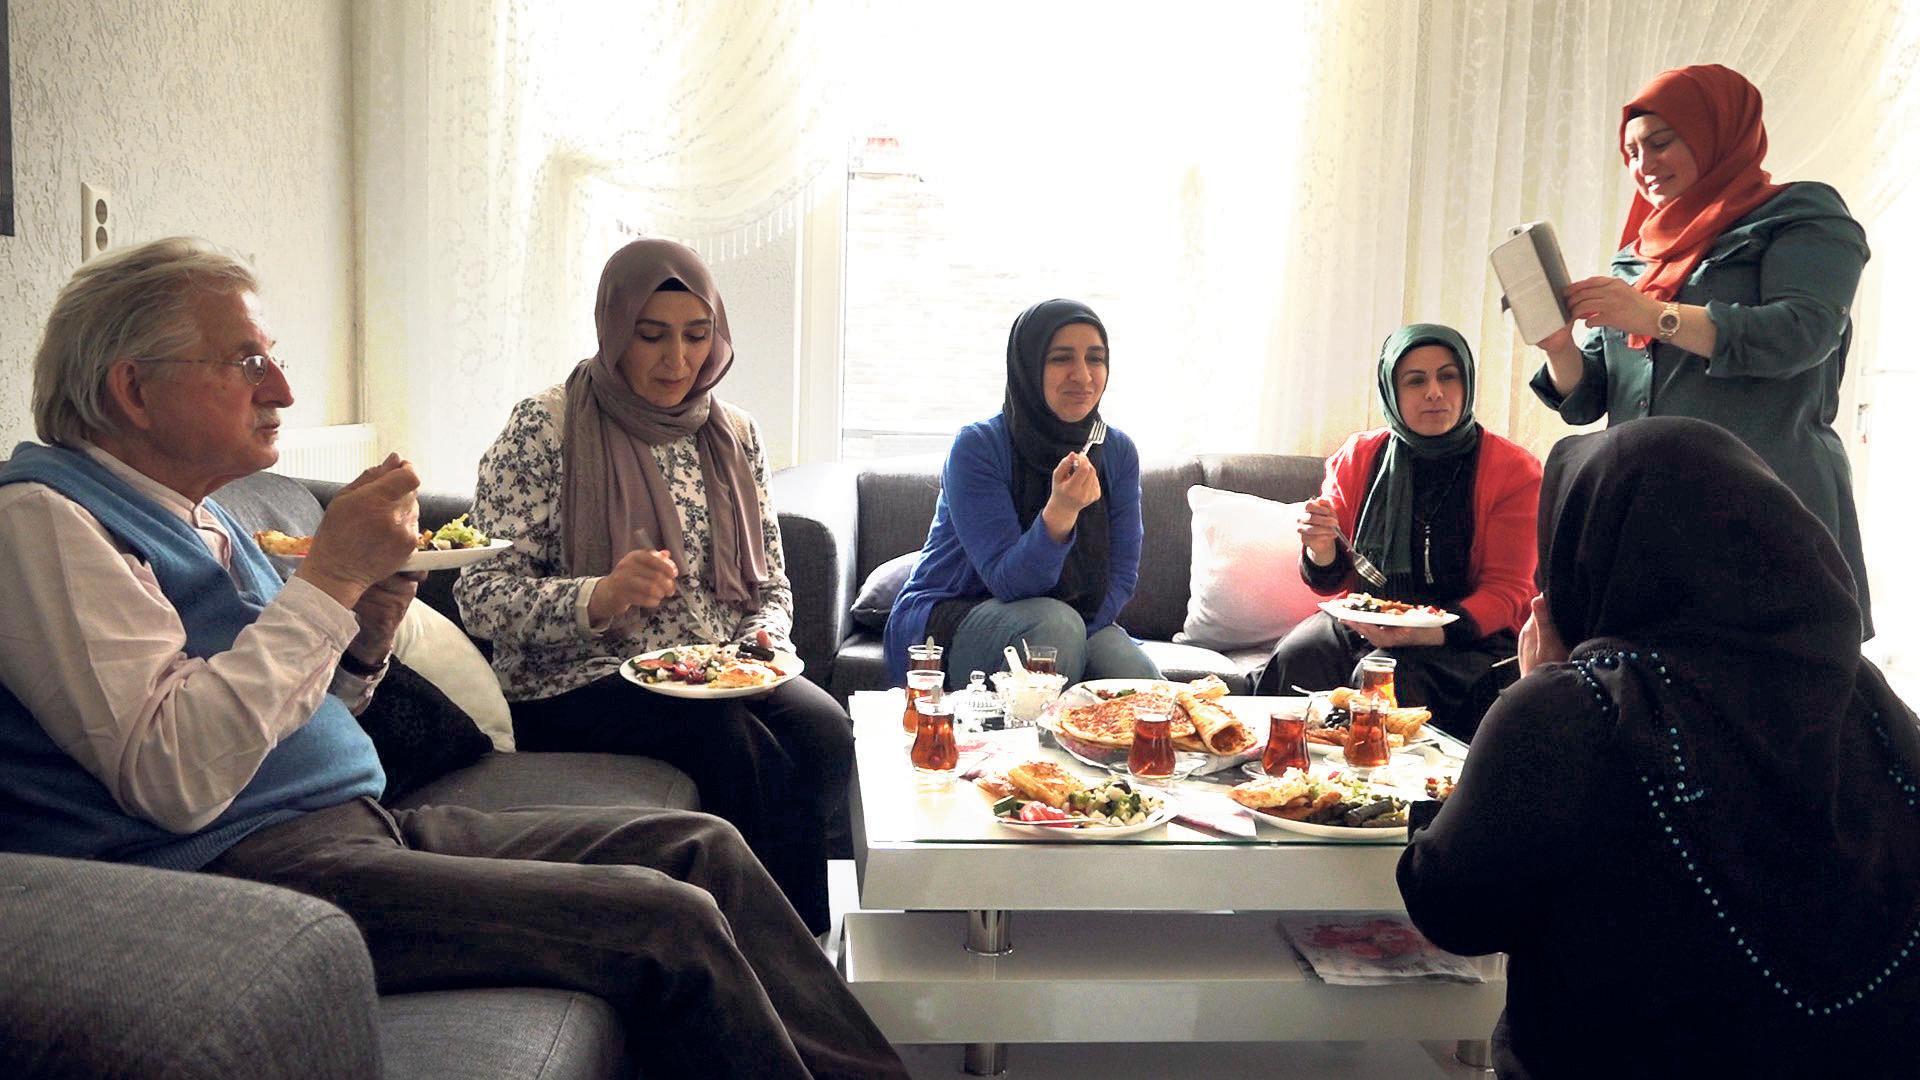 In Beverwijkse flat opgroeien tot een goede moslima, met hoofddoek en een beetje make-up [video]